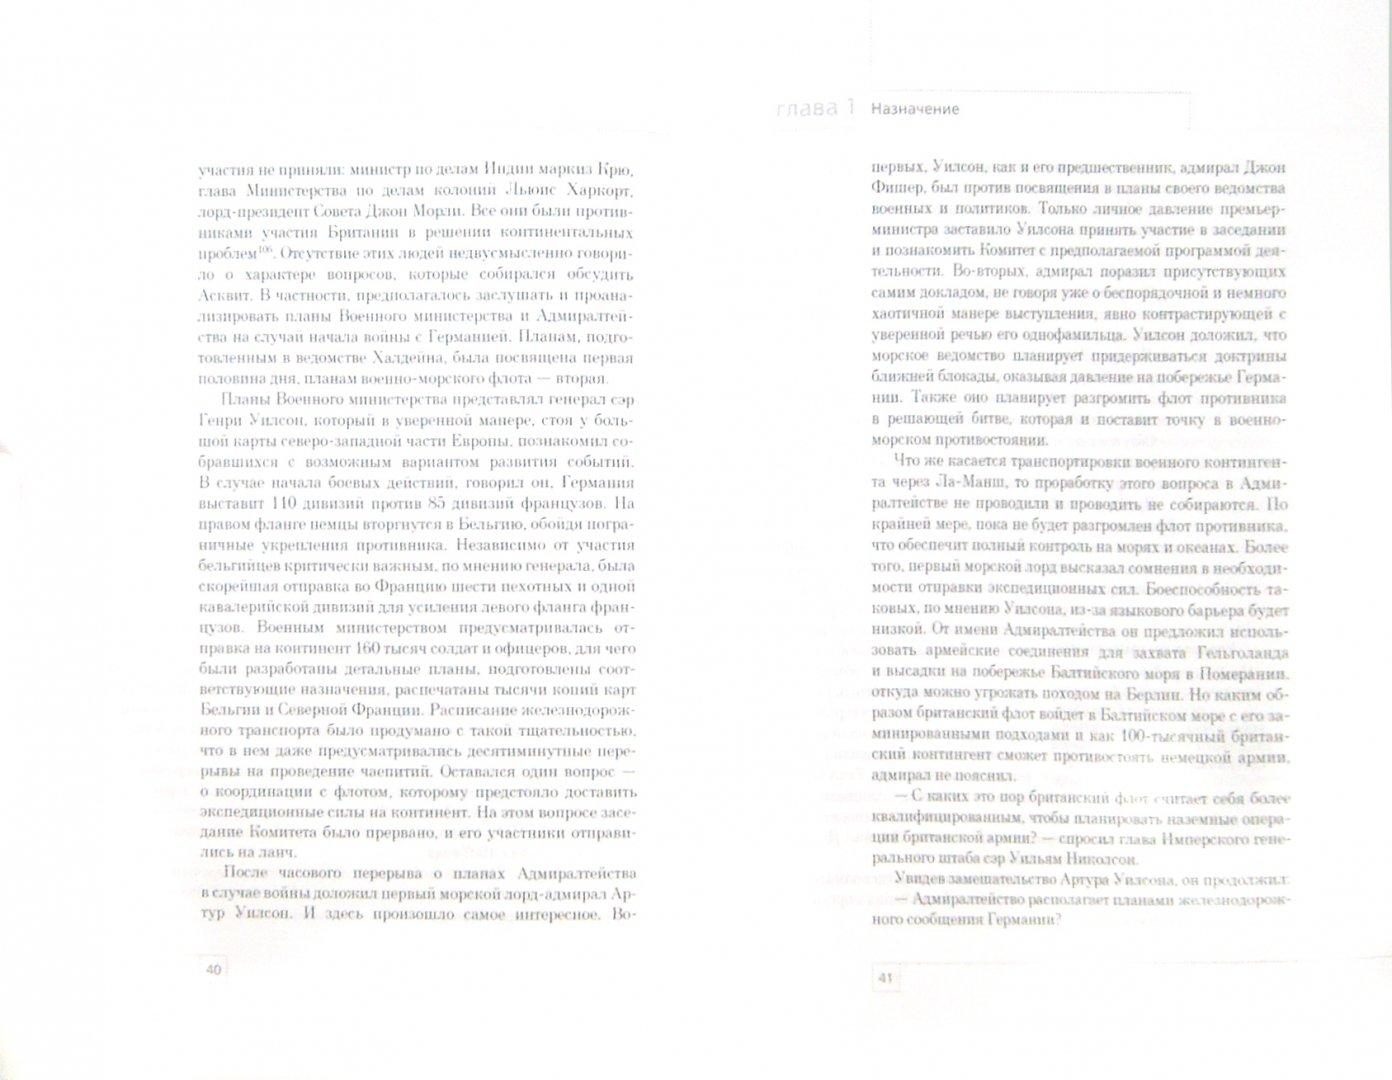 Иллюстрация 1 из 10 для Черчилль. 1911-1914. Власть. Действие. Организация. Незабываемые дни - Дмитрий Медведев | Лабиринт - книги. Источник: Лабиринт